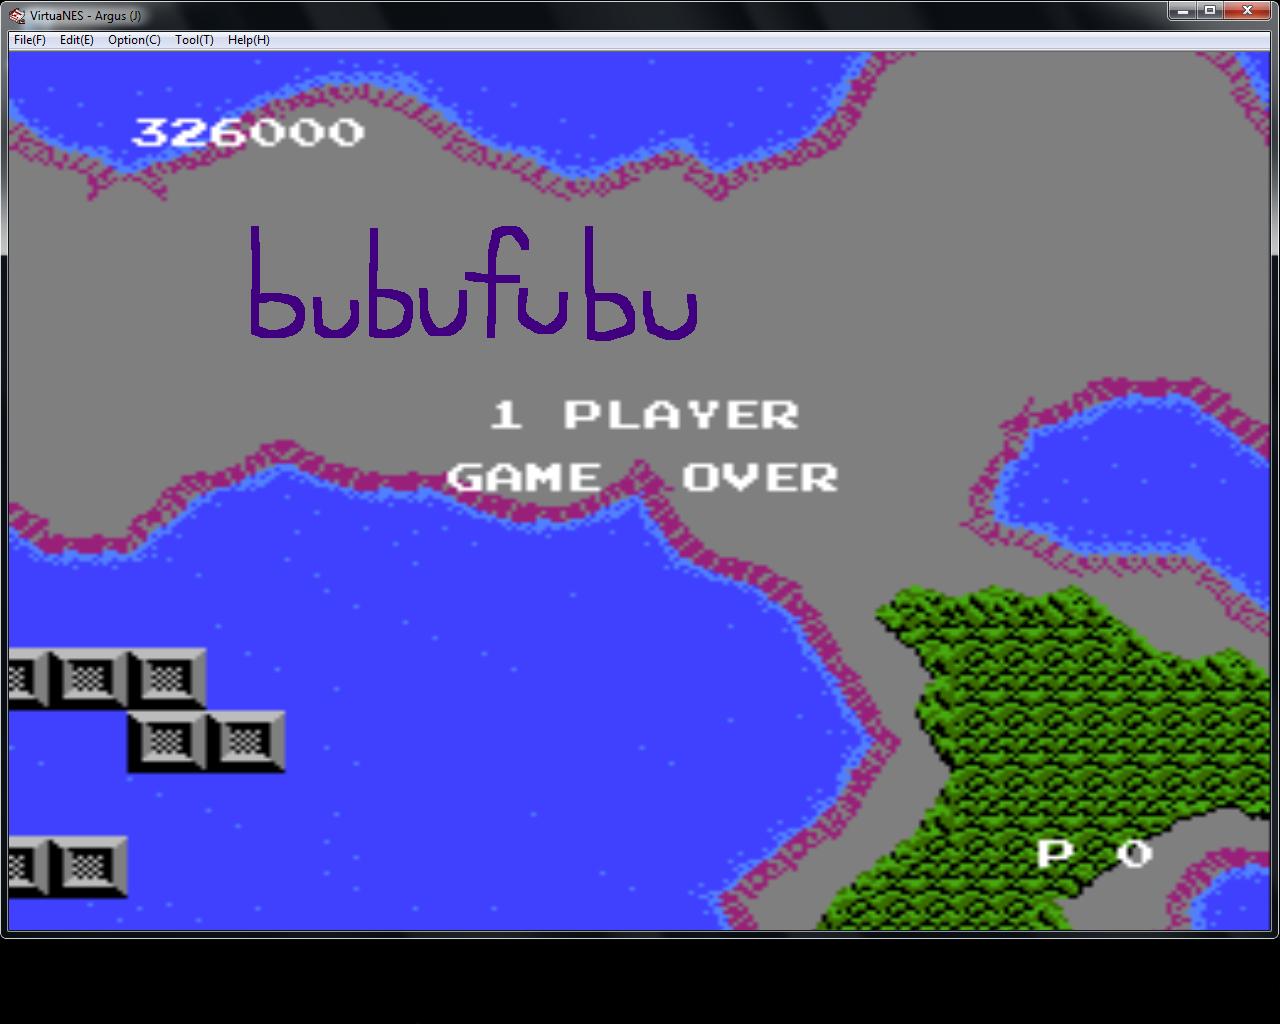 bubufubu: Argus (NES/Famicom Emulated) 326,000 points on 2015-07-11 18:21:26